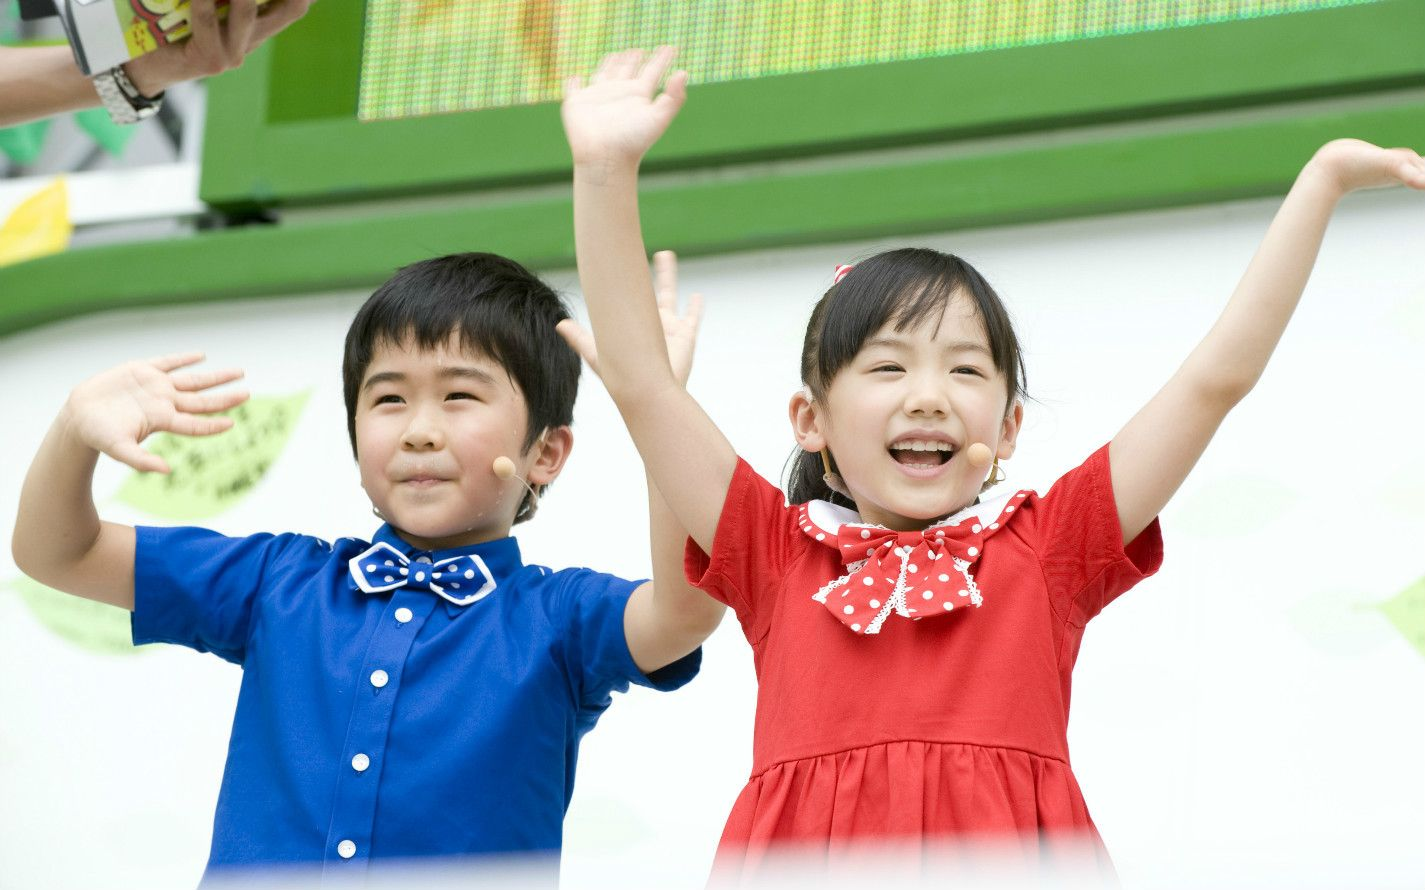 『マルモのおきて』では鈴木福(左)と双子の姉弟に扮し、ダンスも披露した ©山田真実/文藝春秋